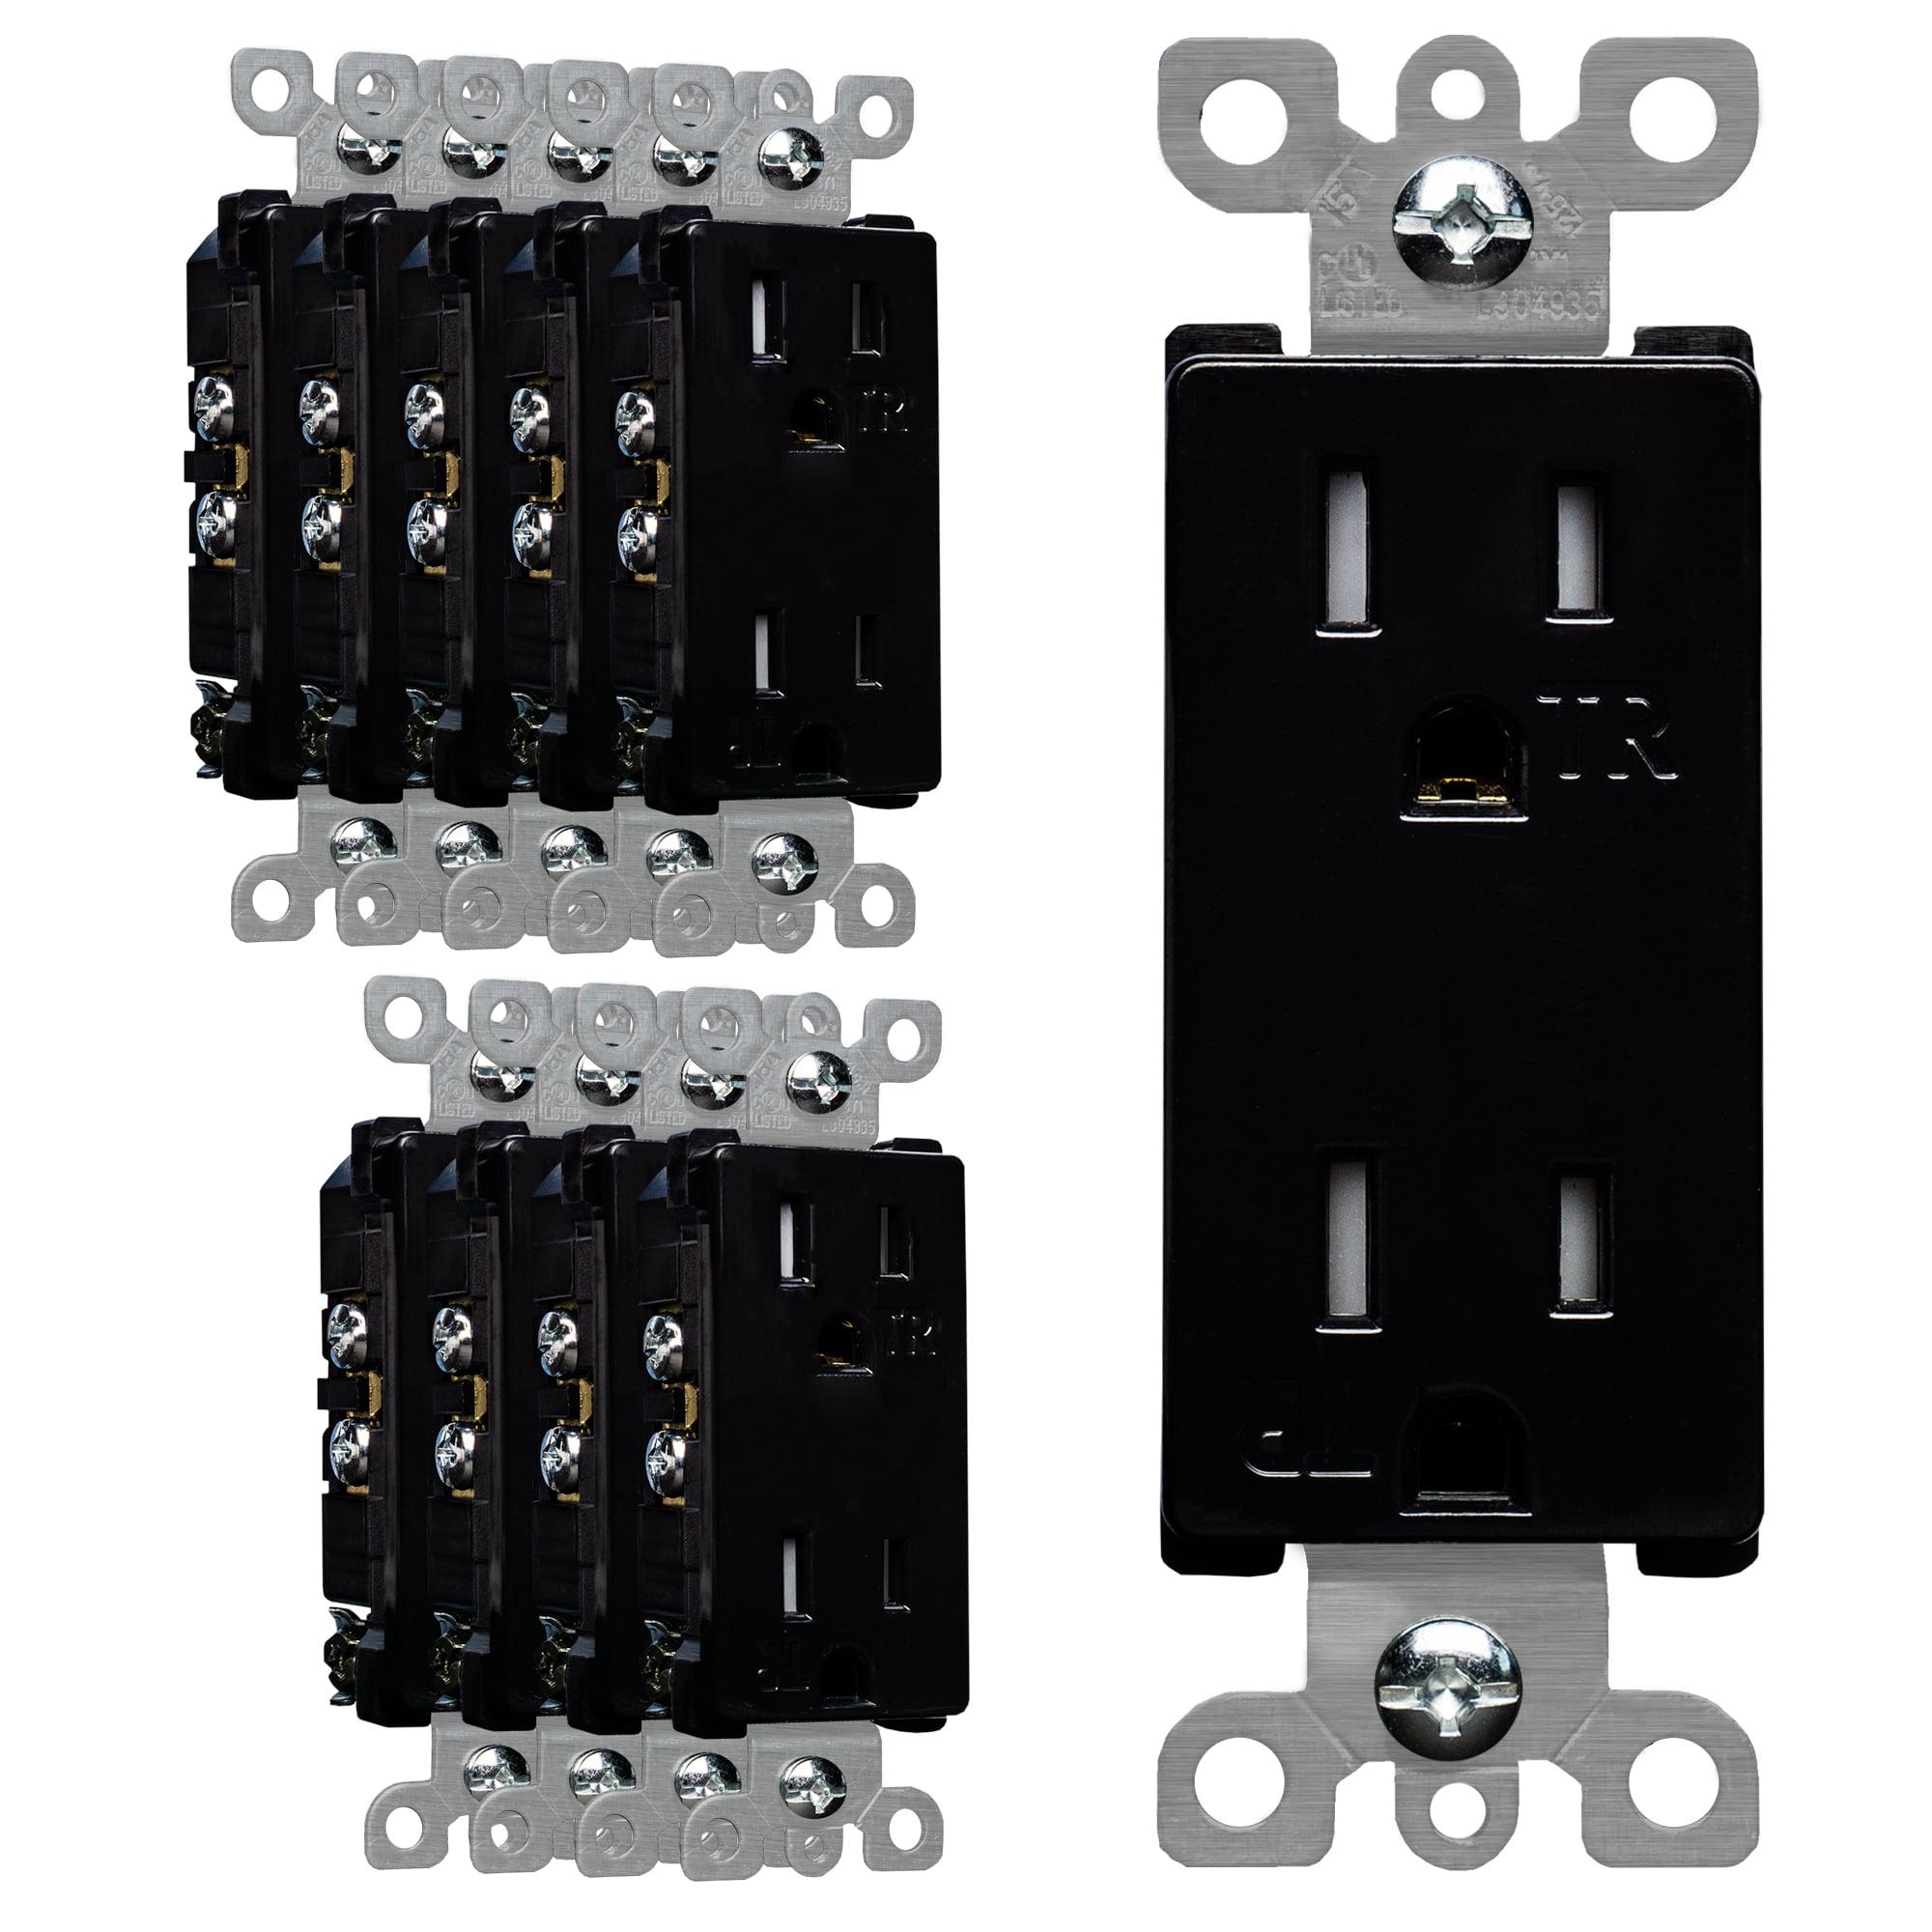 10 PACK SURGERITE Decora Receptacle Outlet 15AMP 125V Tamper Resistant White